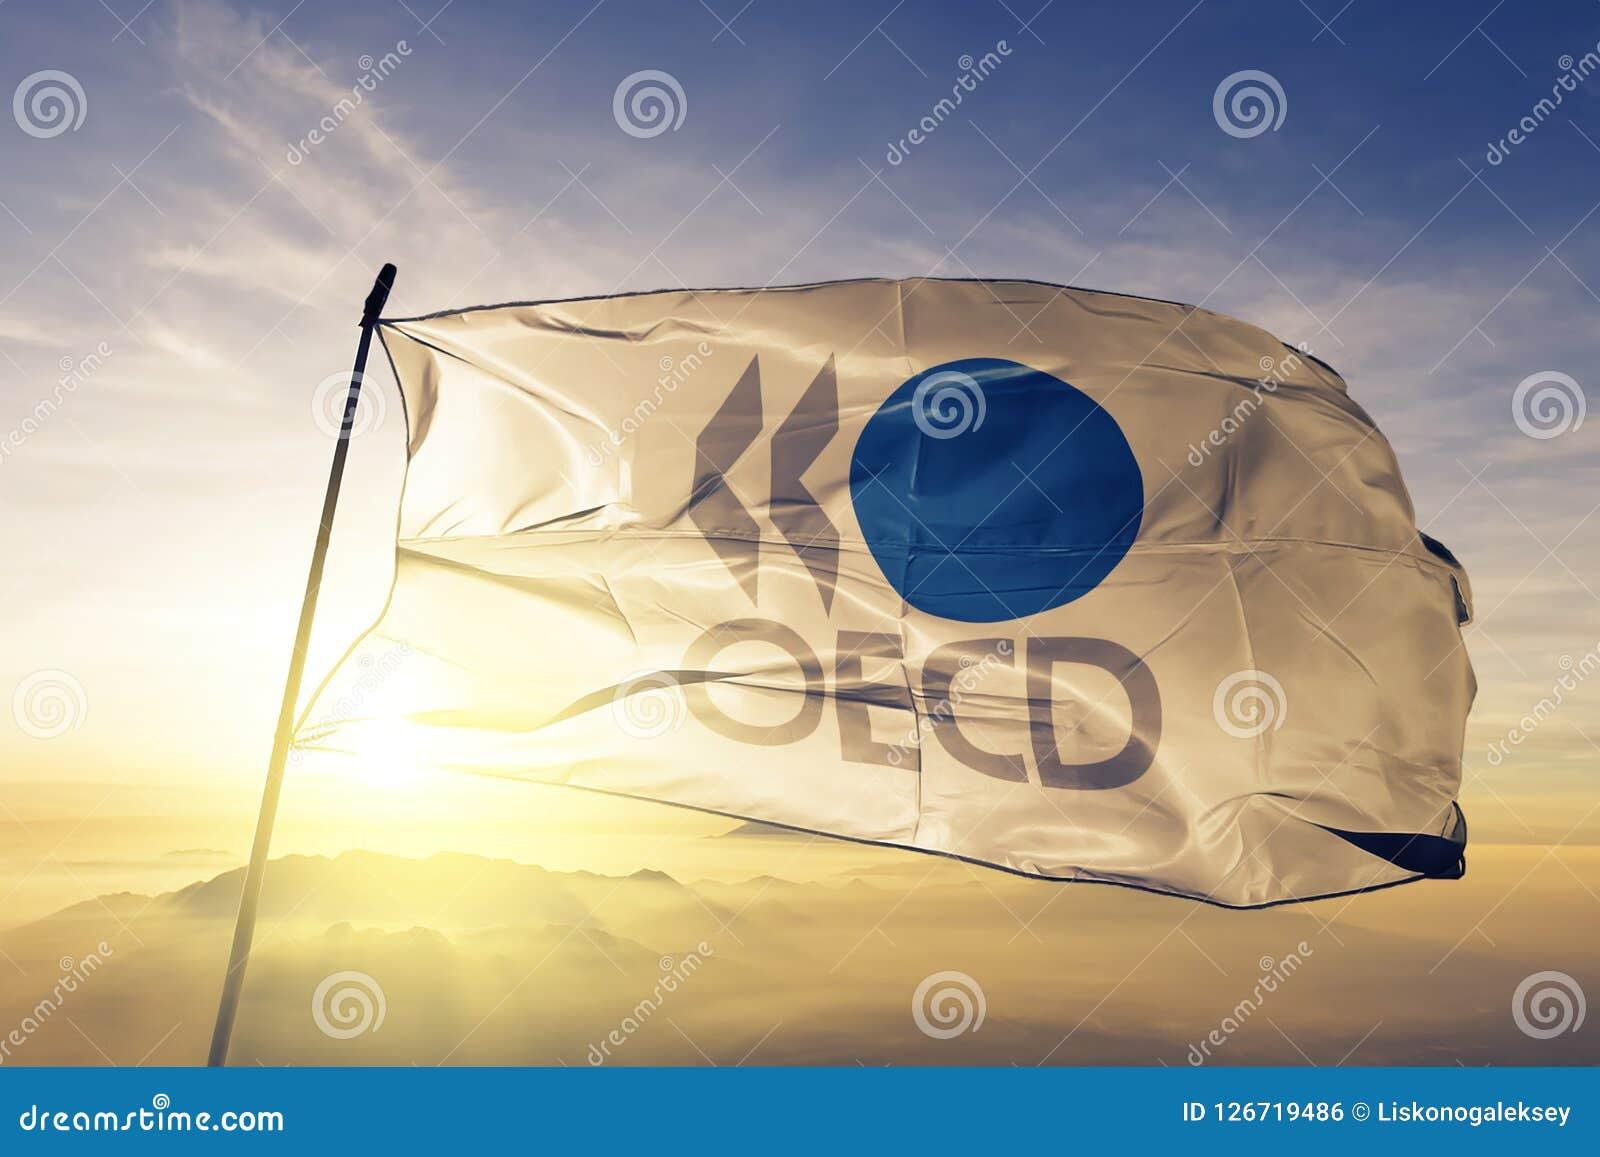 Organisation das Stoffgewebe für der wirtschaftlichen Zusammenarbeit und der Entwicklung OECD Flagge Textil, dasauf den Spitzenso